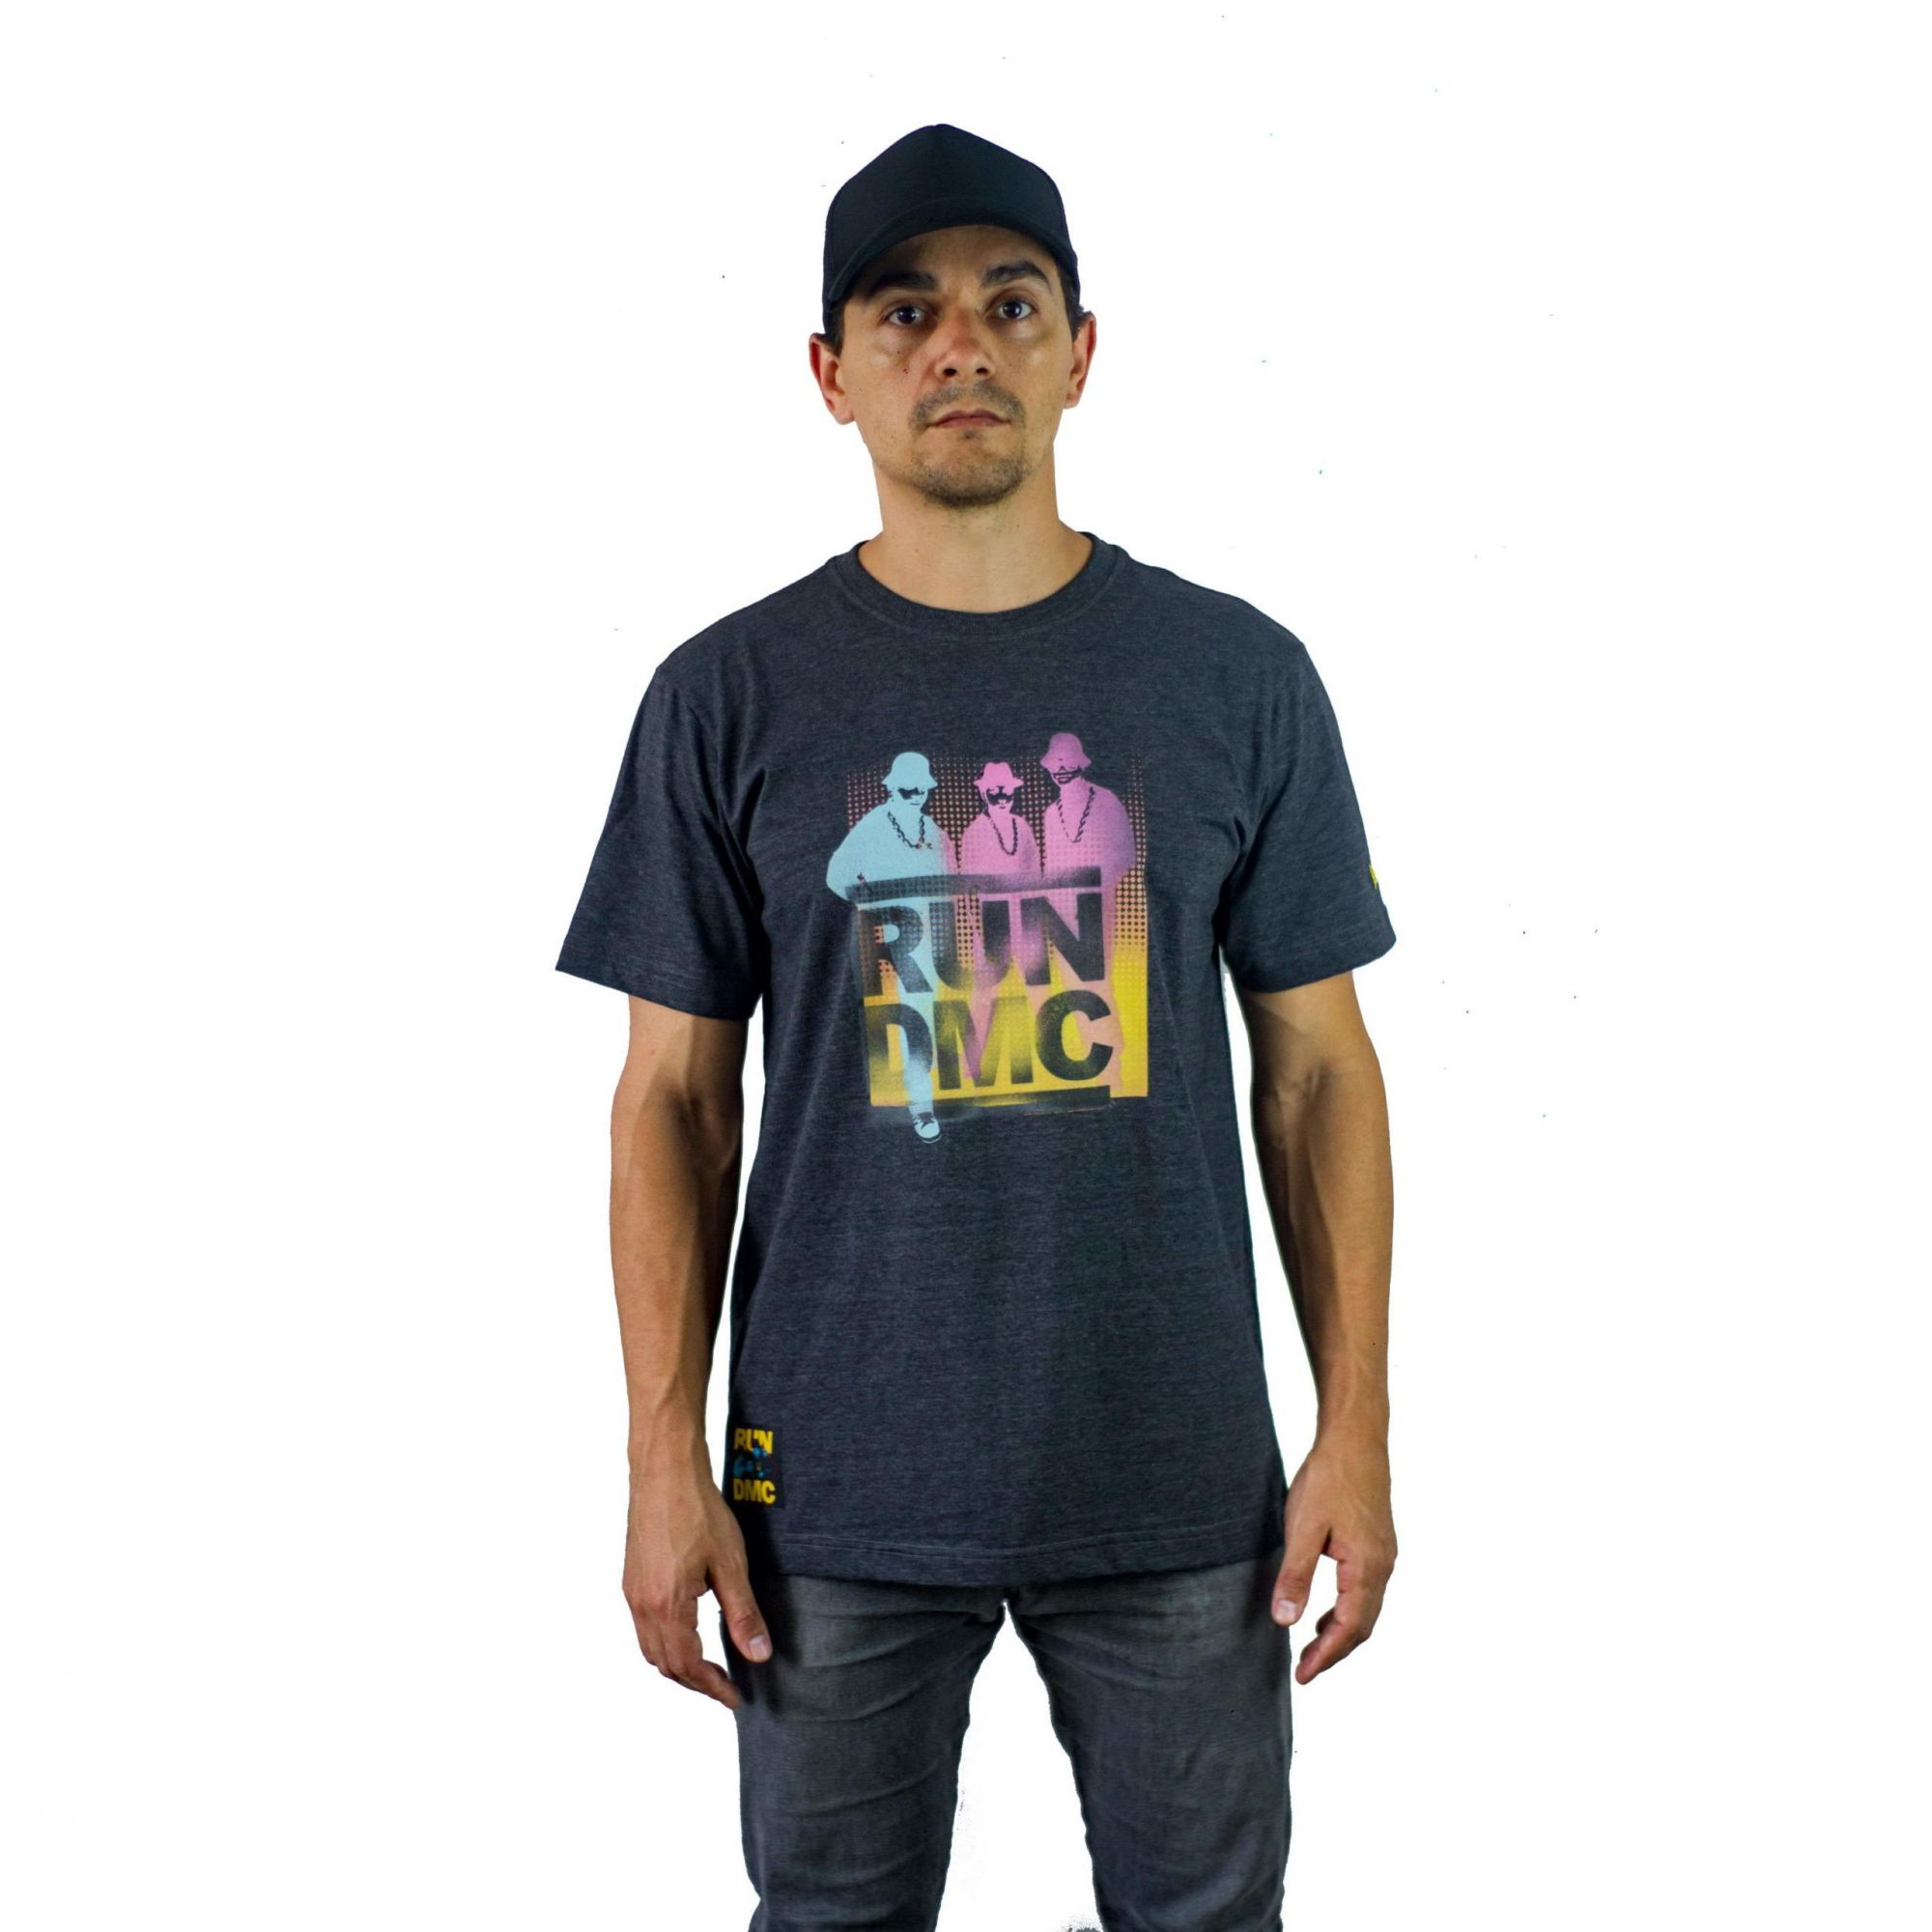 Camiseta New Era Run DMC Cinza